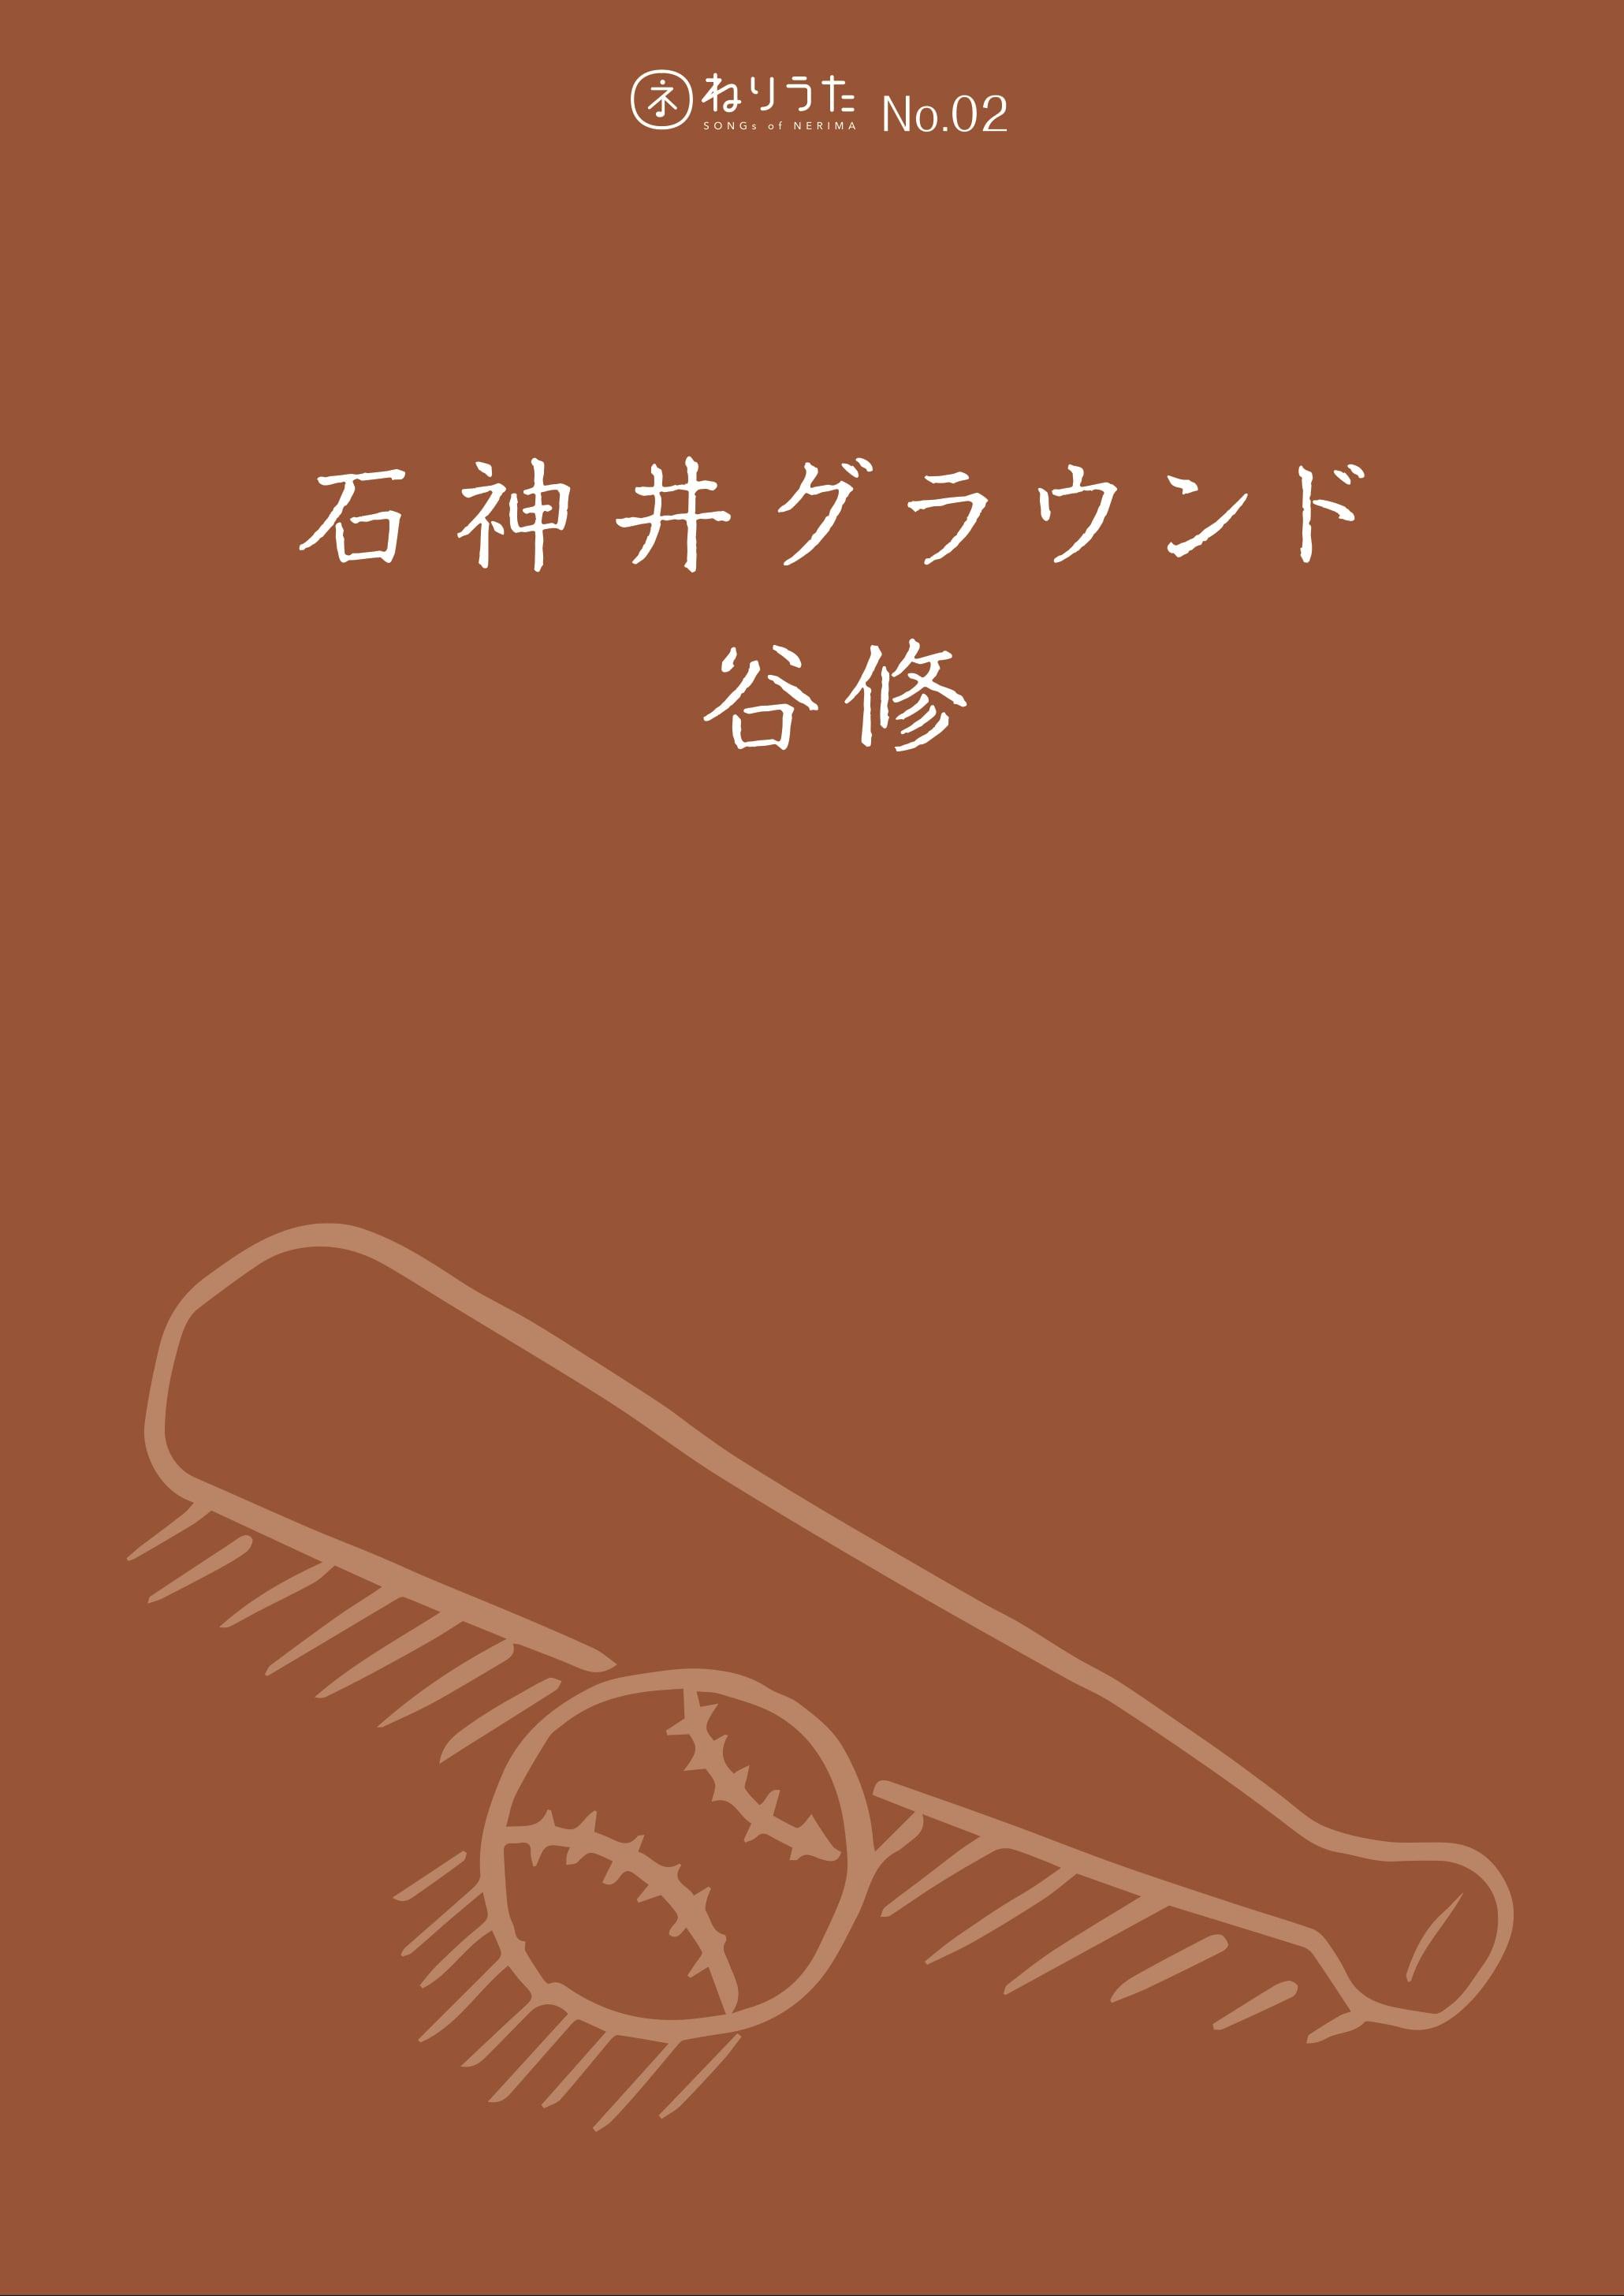 ねりうた #02 「石神井グラウンド」ダウンロード版